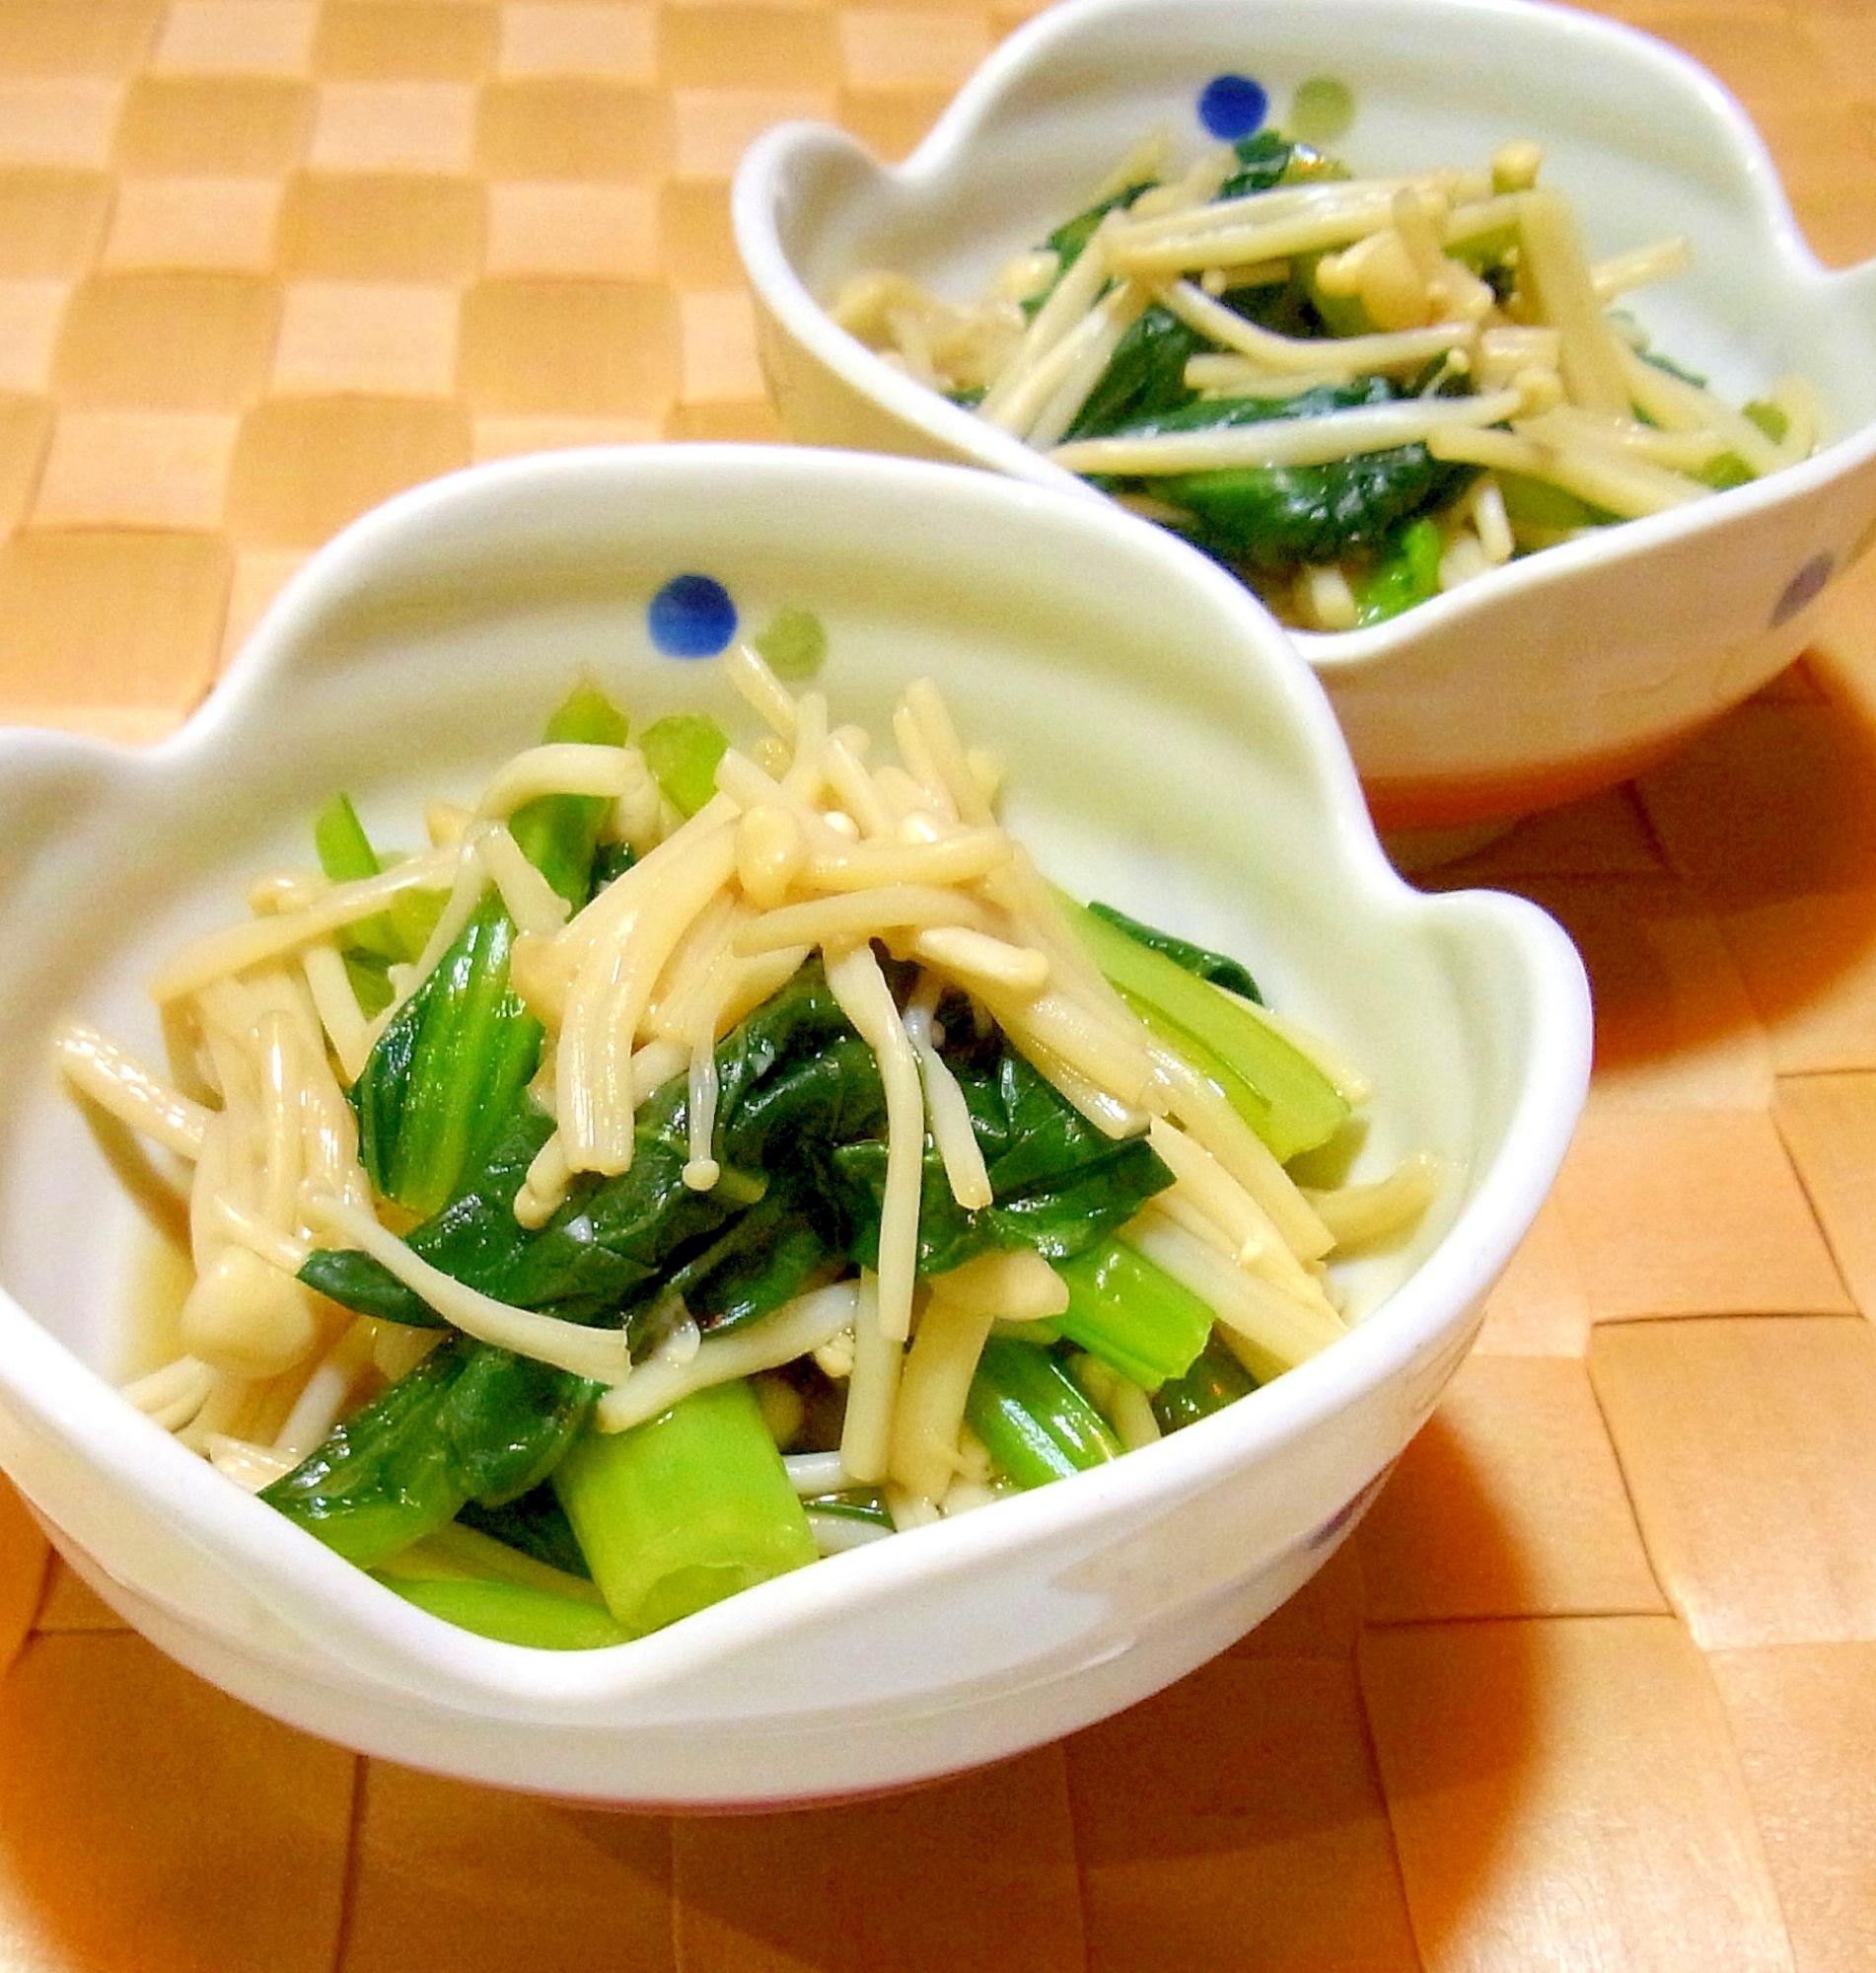 レンジで簡単♪えのきと小松菜のポン酢和え レシピ・作り方 by ☆メリッコ☆|楽天レシピ